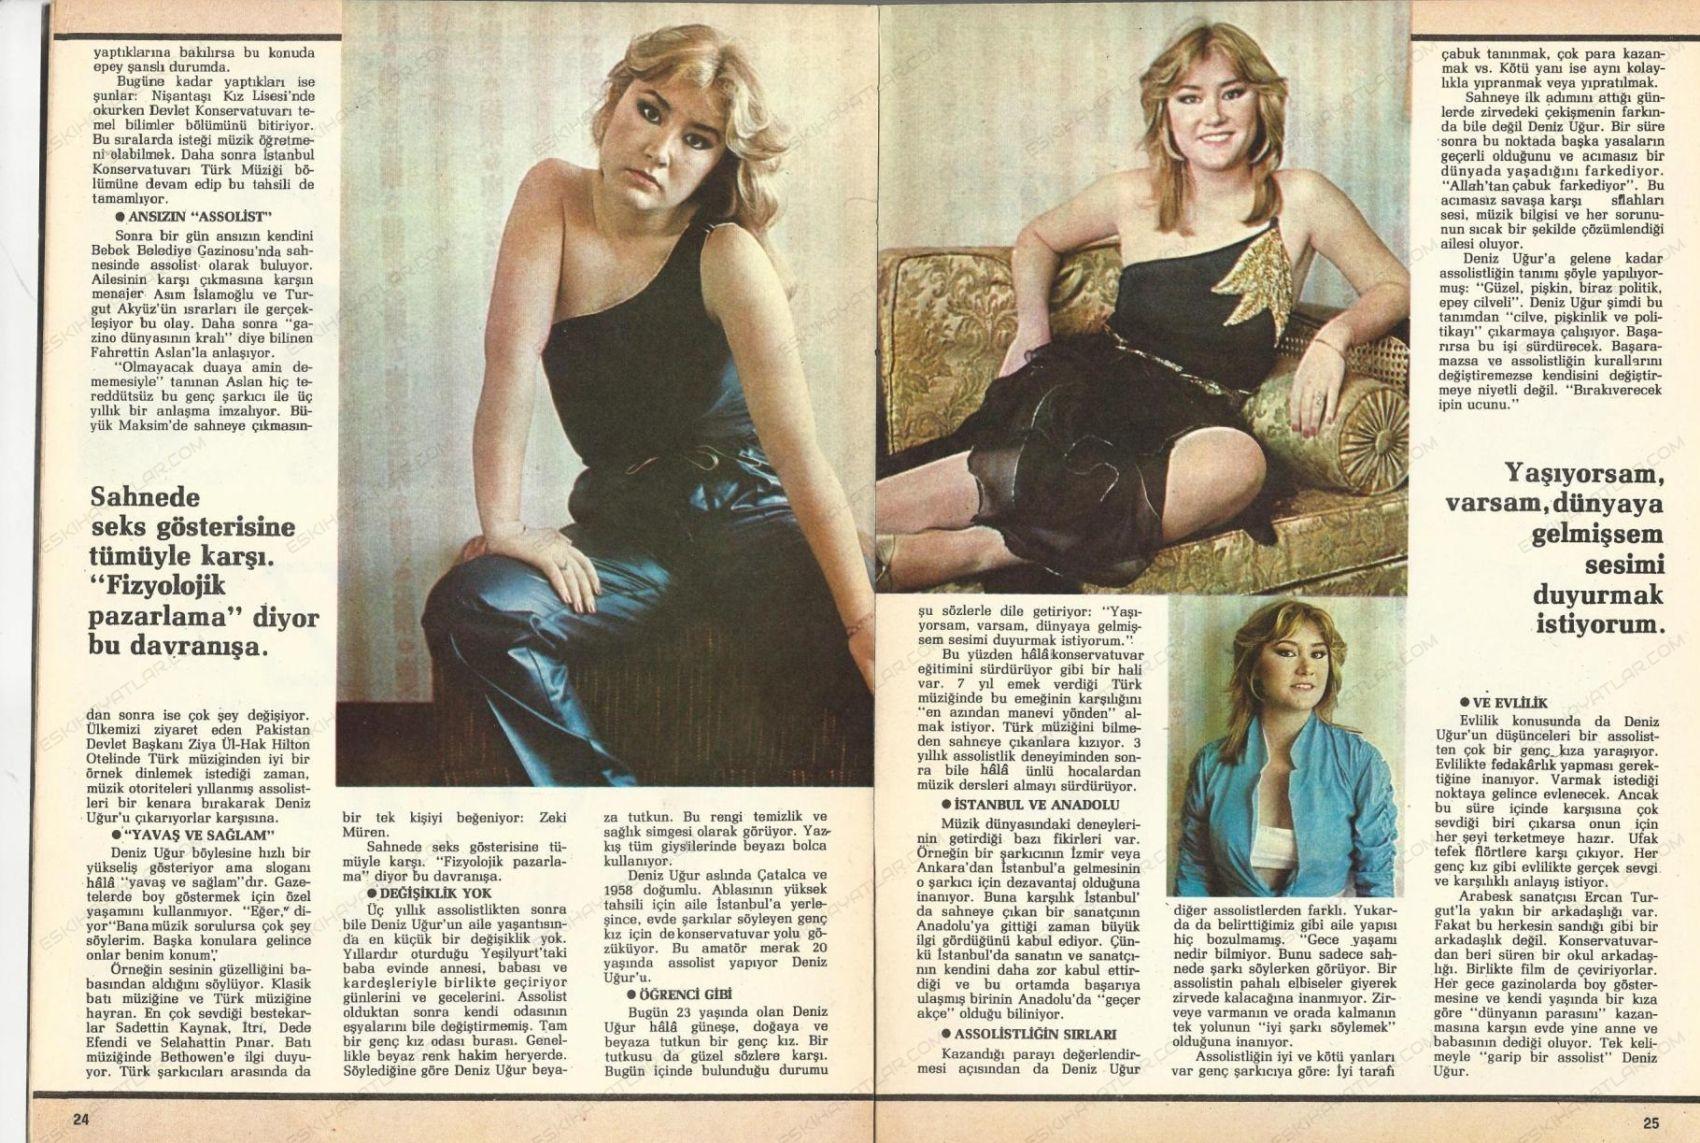 0366-seksenli-yillarin-assolistleri-1981-erkekce-dergisi-deniz-ugur (4)